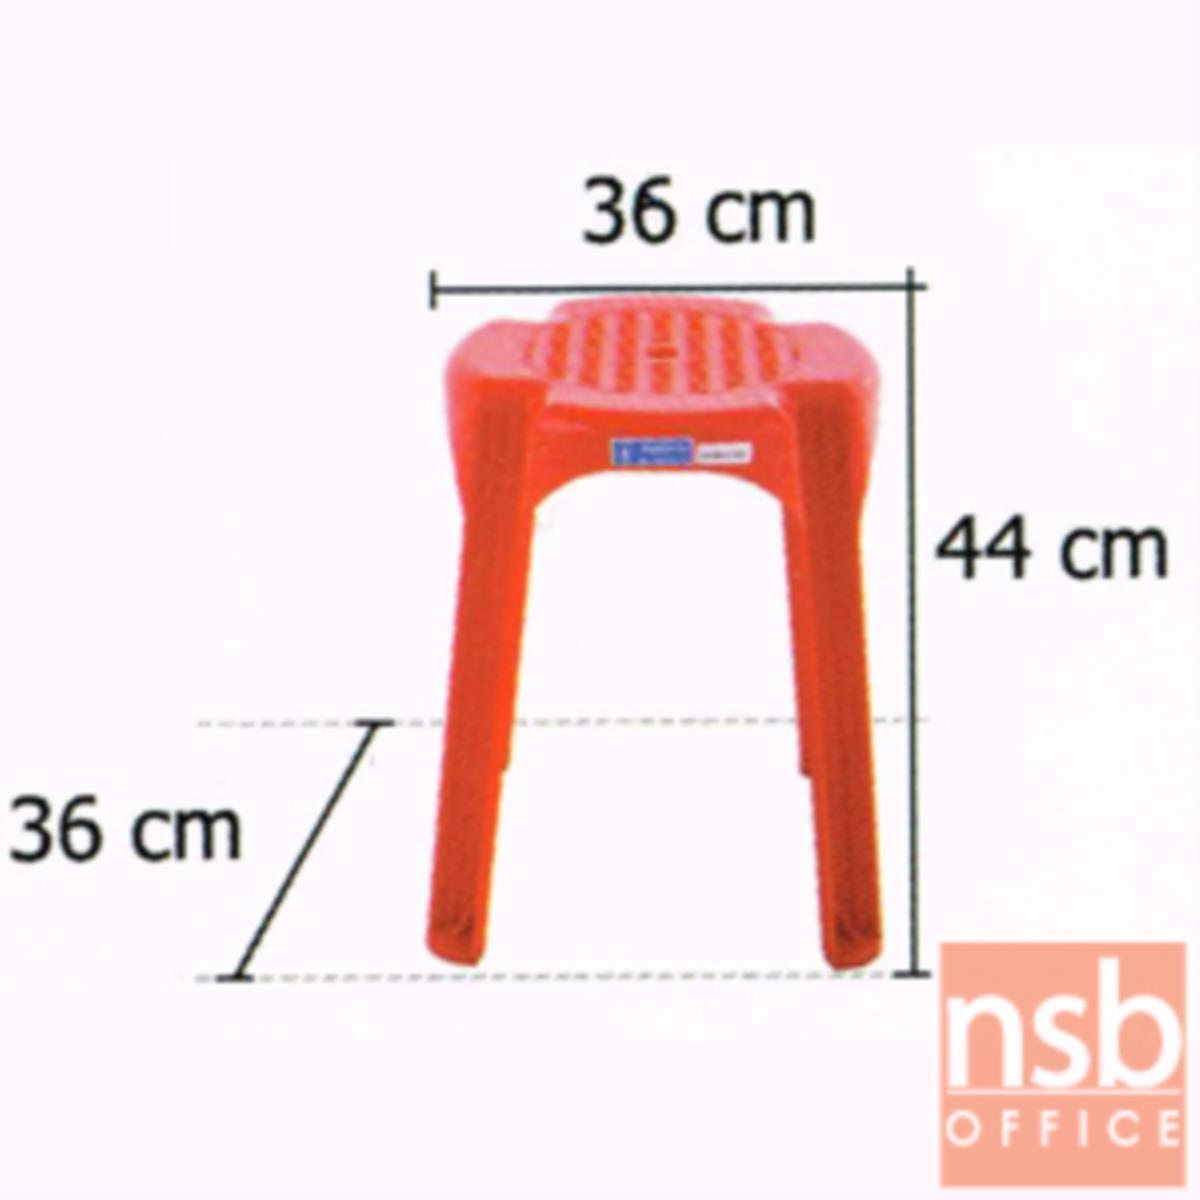 เก้าอี้พลาสติก รุ่น DISMON_CHAIR ซ้อนทับได้ (ผลิตทั้งเกรด A และ B)